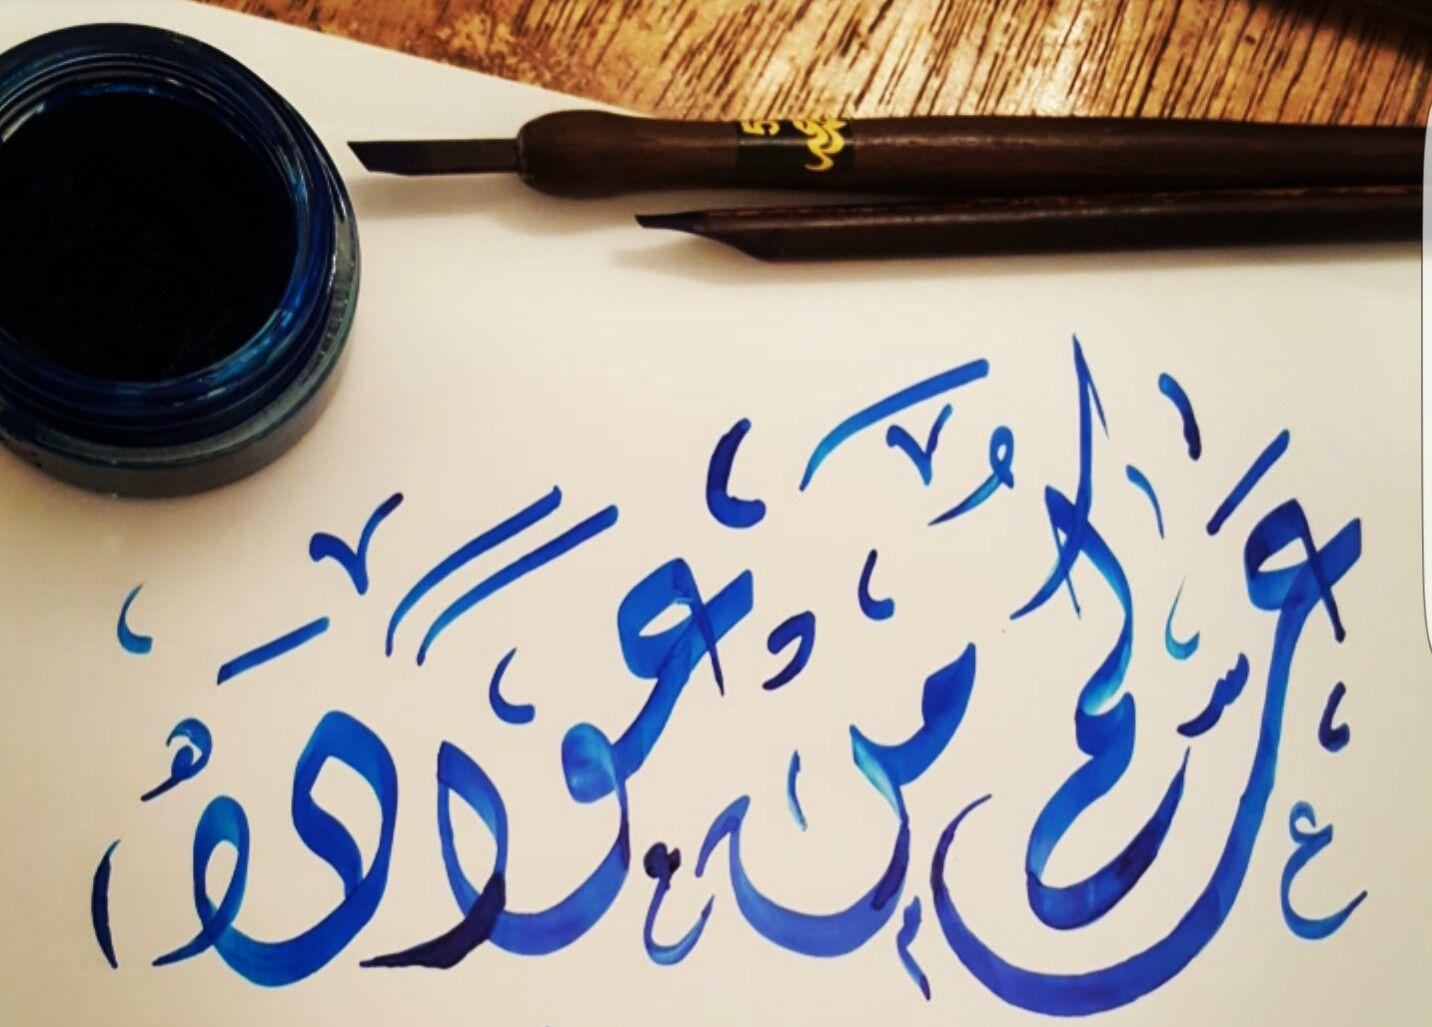 كل عام وانتم بخير عيد عيدالفطر عساكم من عواده تهنئة خط خطي ديواني Arabic Calligraphy Ramadan Calligraphy